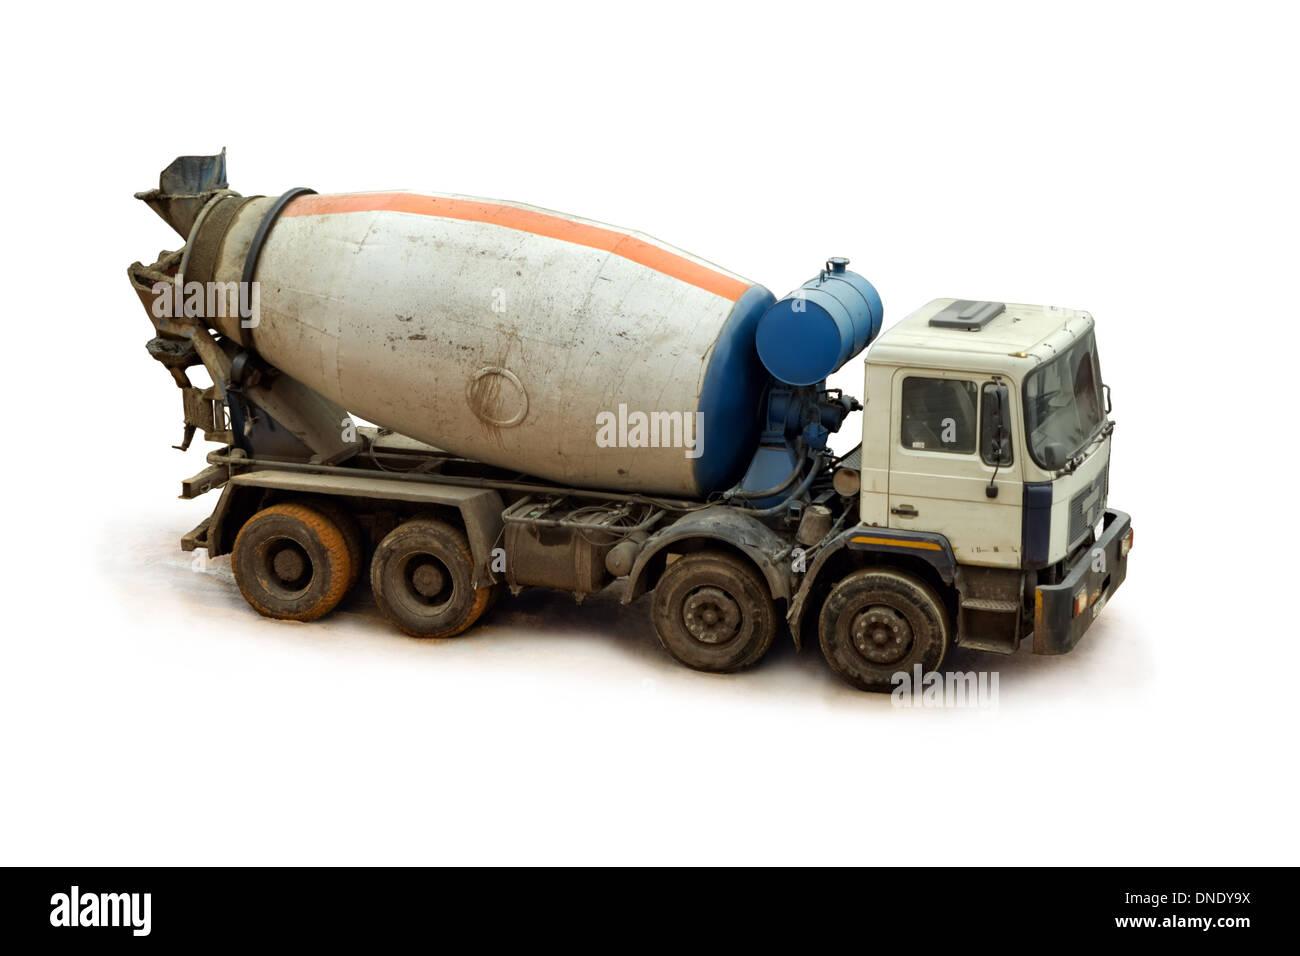 Cement Concrete Construction Truck Equipment